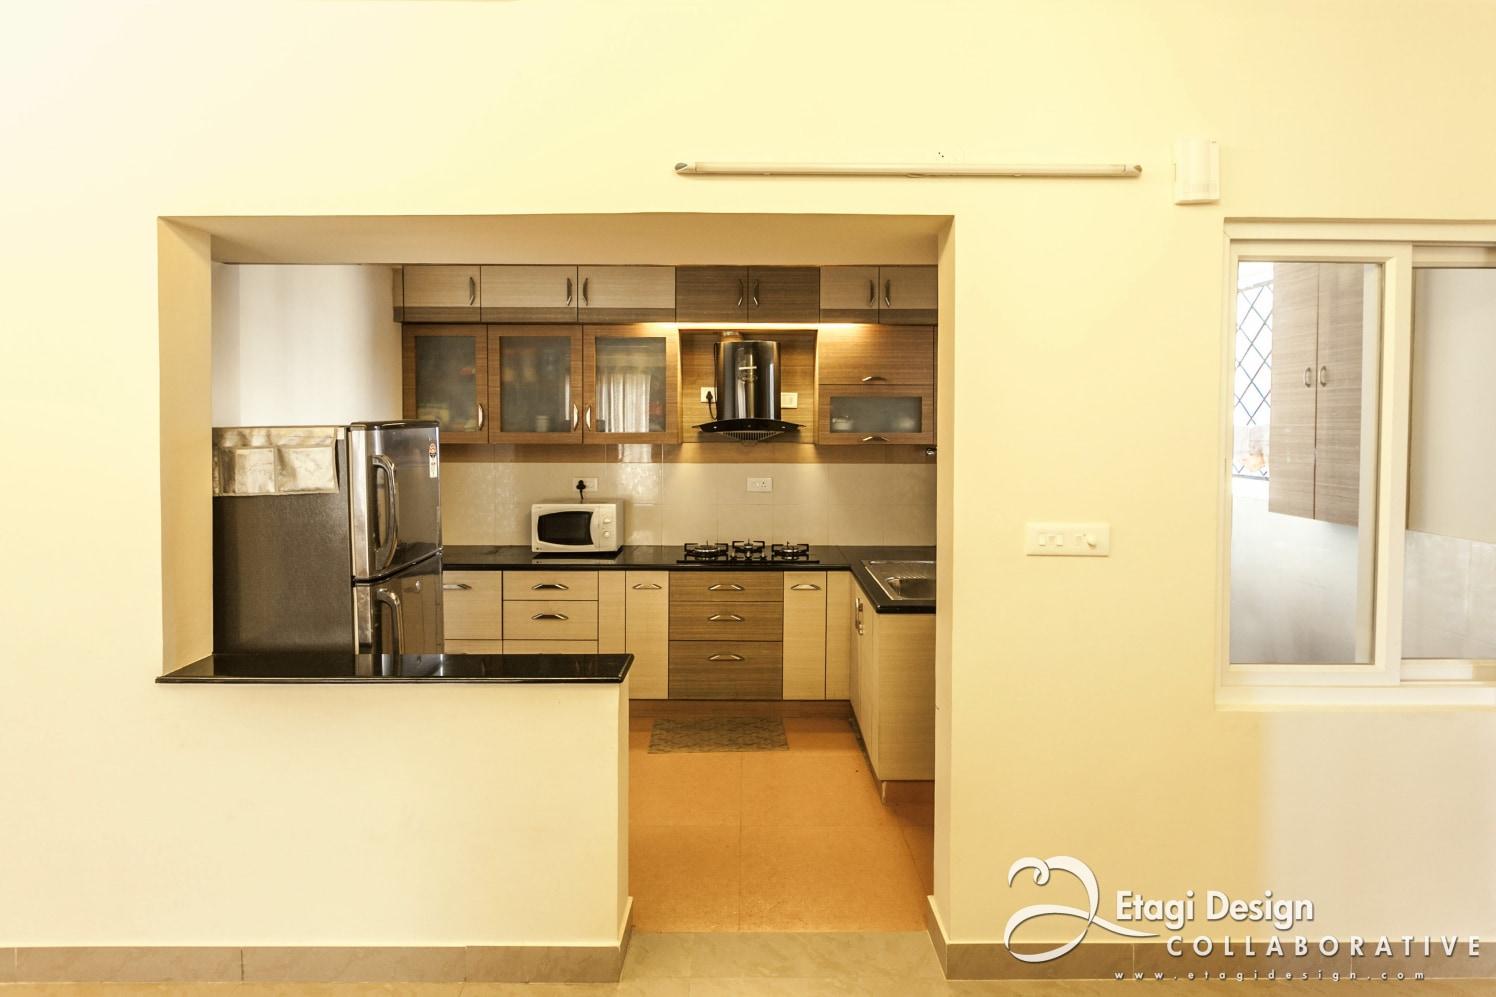 Kitchen With Cream Shade Walls by Prashanth Nandiprasad Modular-kitchen Modern   Interior Design Photos & Ideas